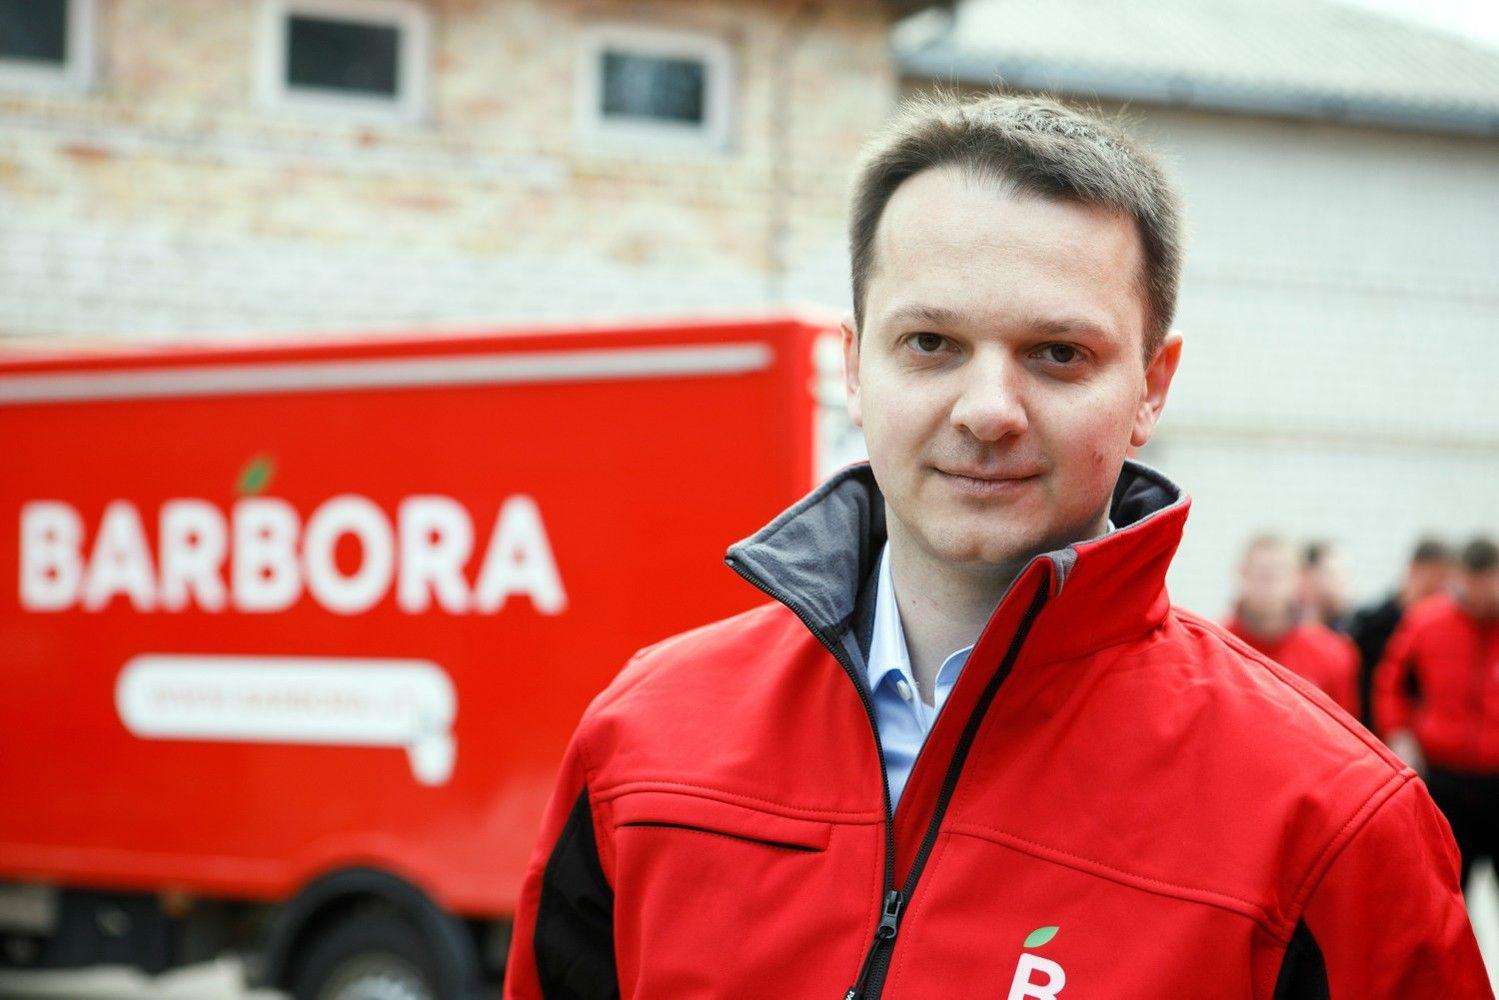 BDAR:kaip ruošiasi mobiliųjų programėlių valdytojai